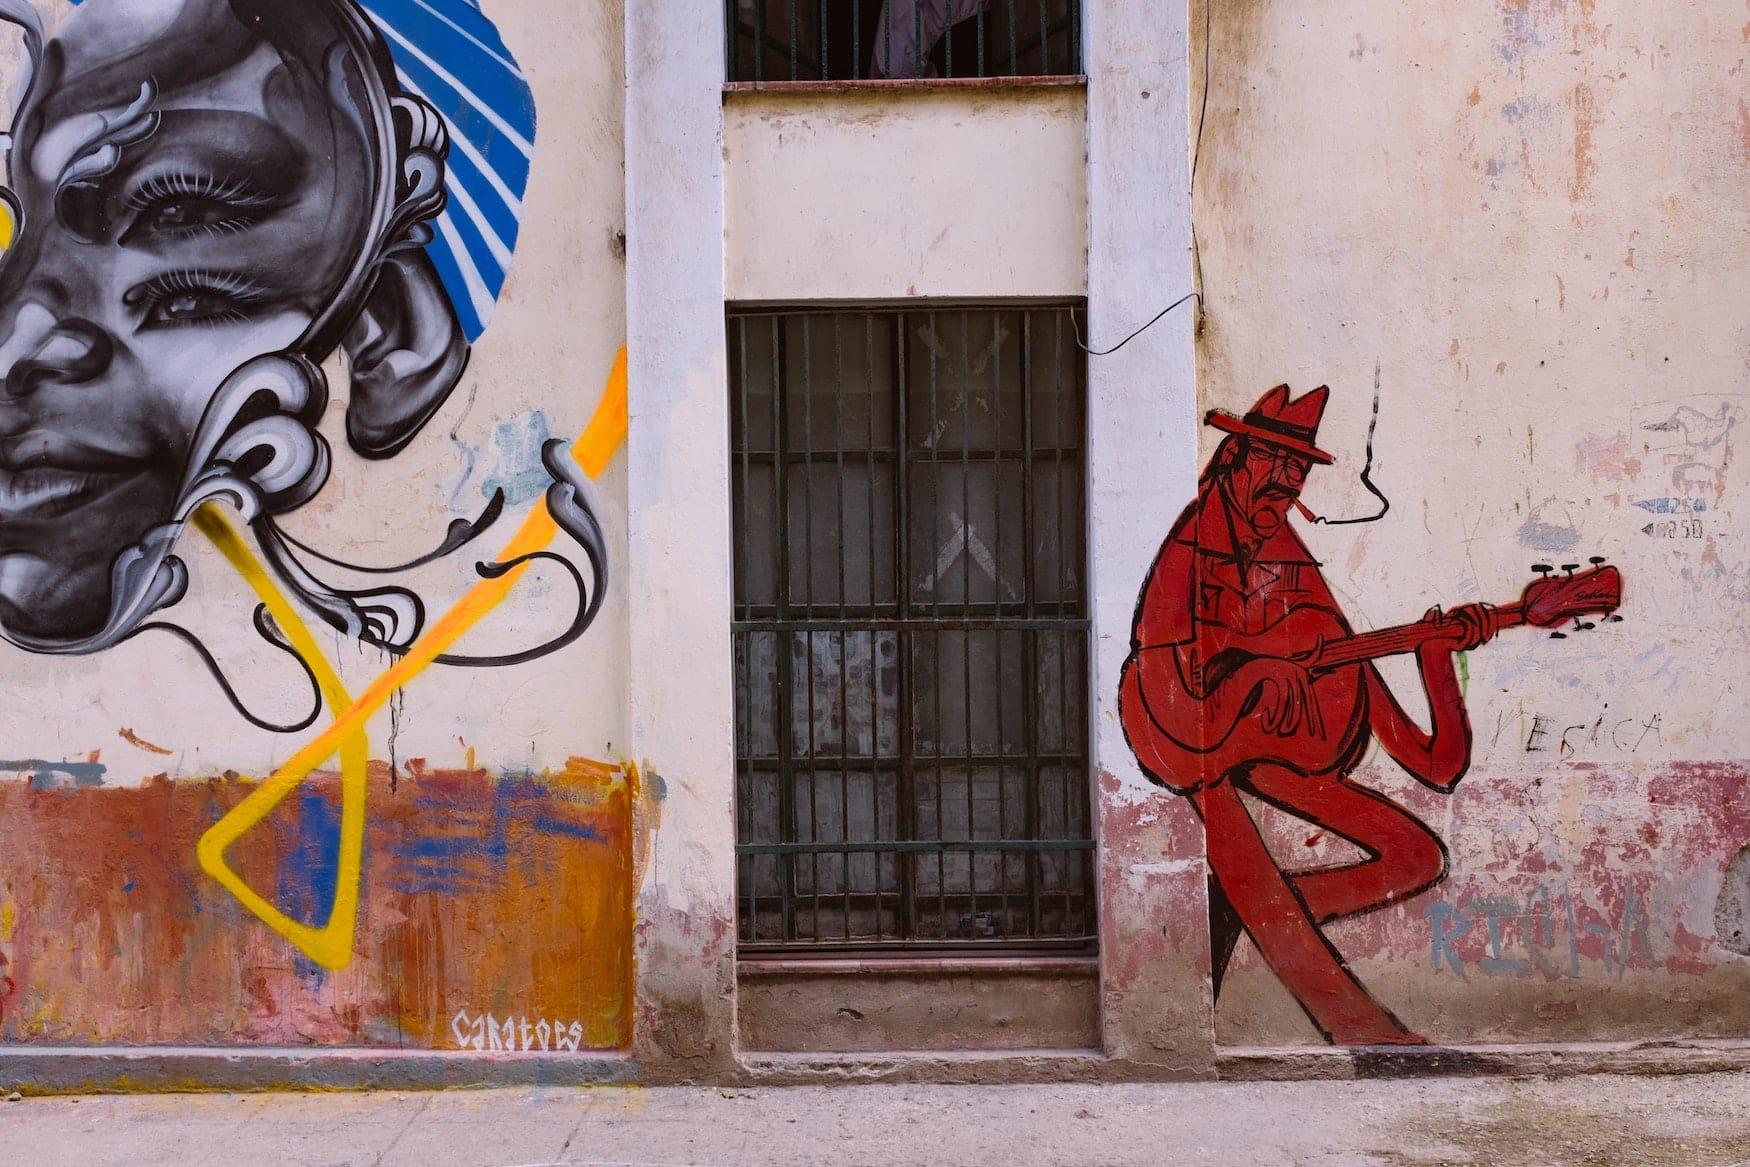 Street Art in den Straßen von New York. Zu sehen ein kubanischer Jazz-Spieler